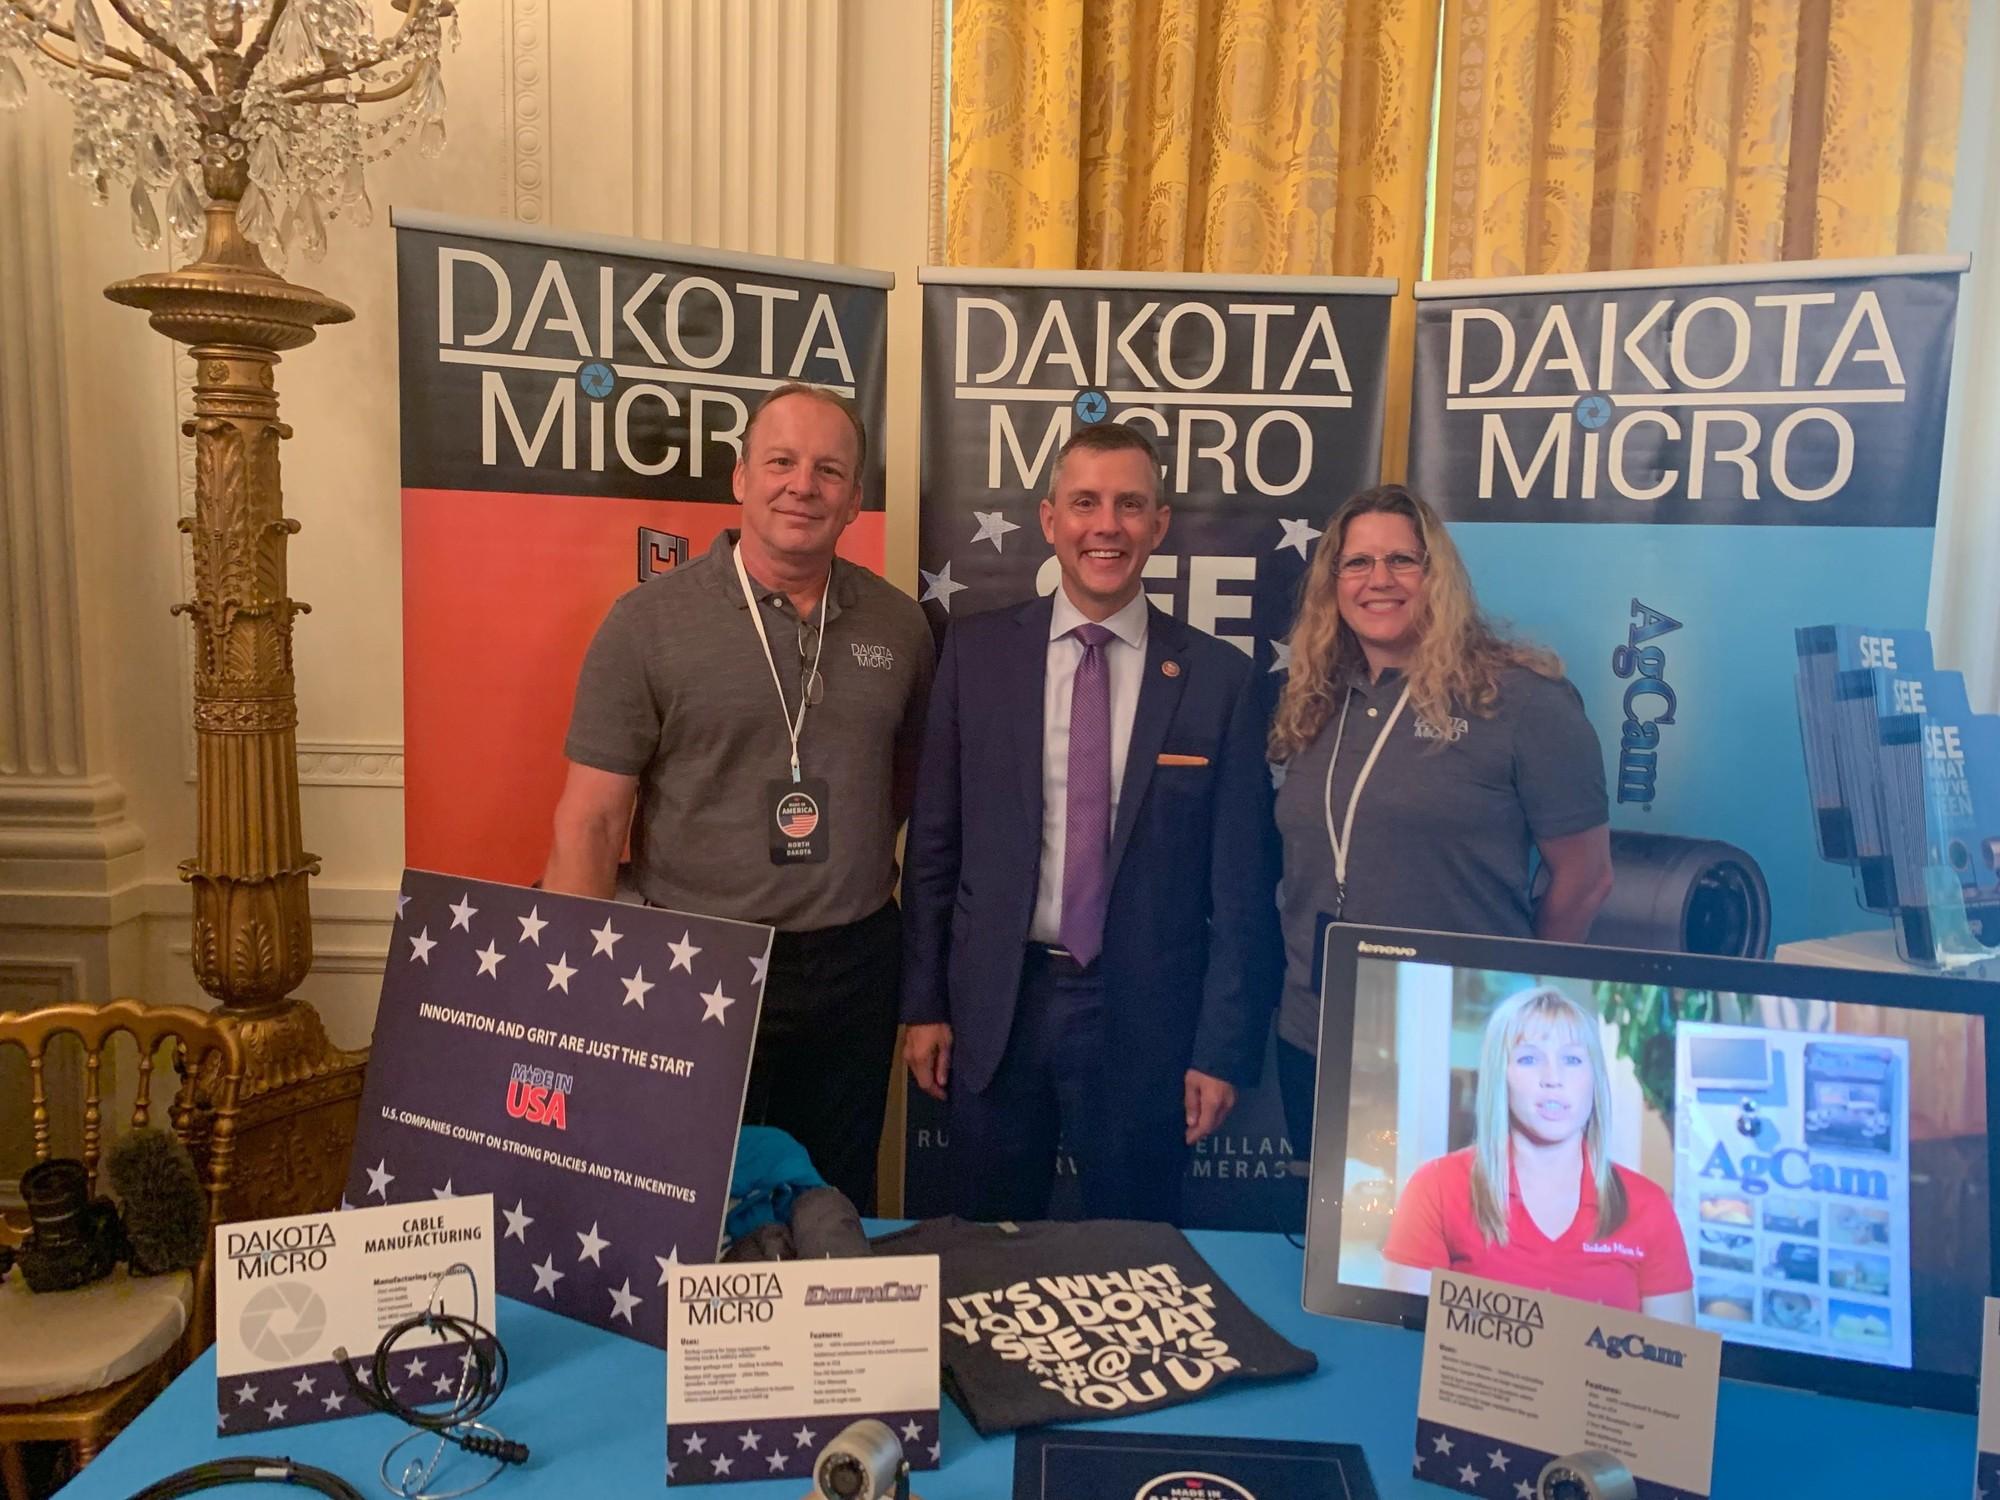 Armstrong with Dakota Micro